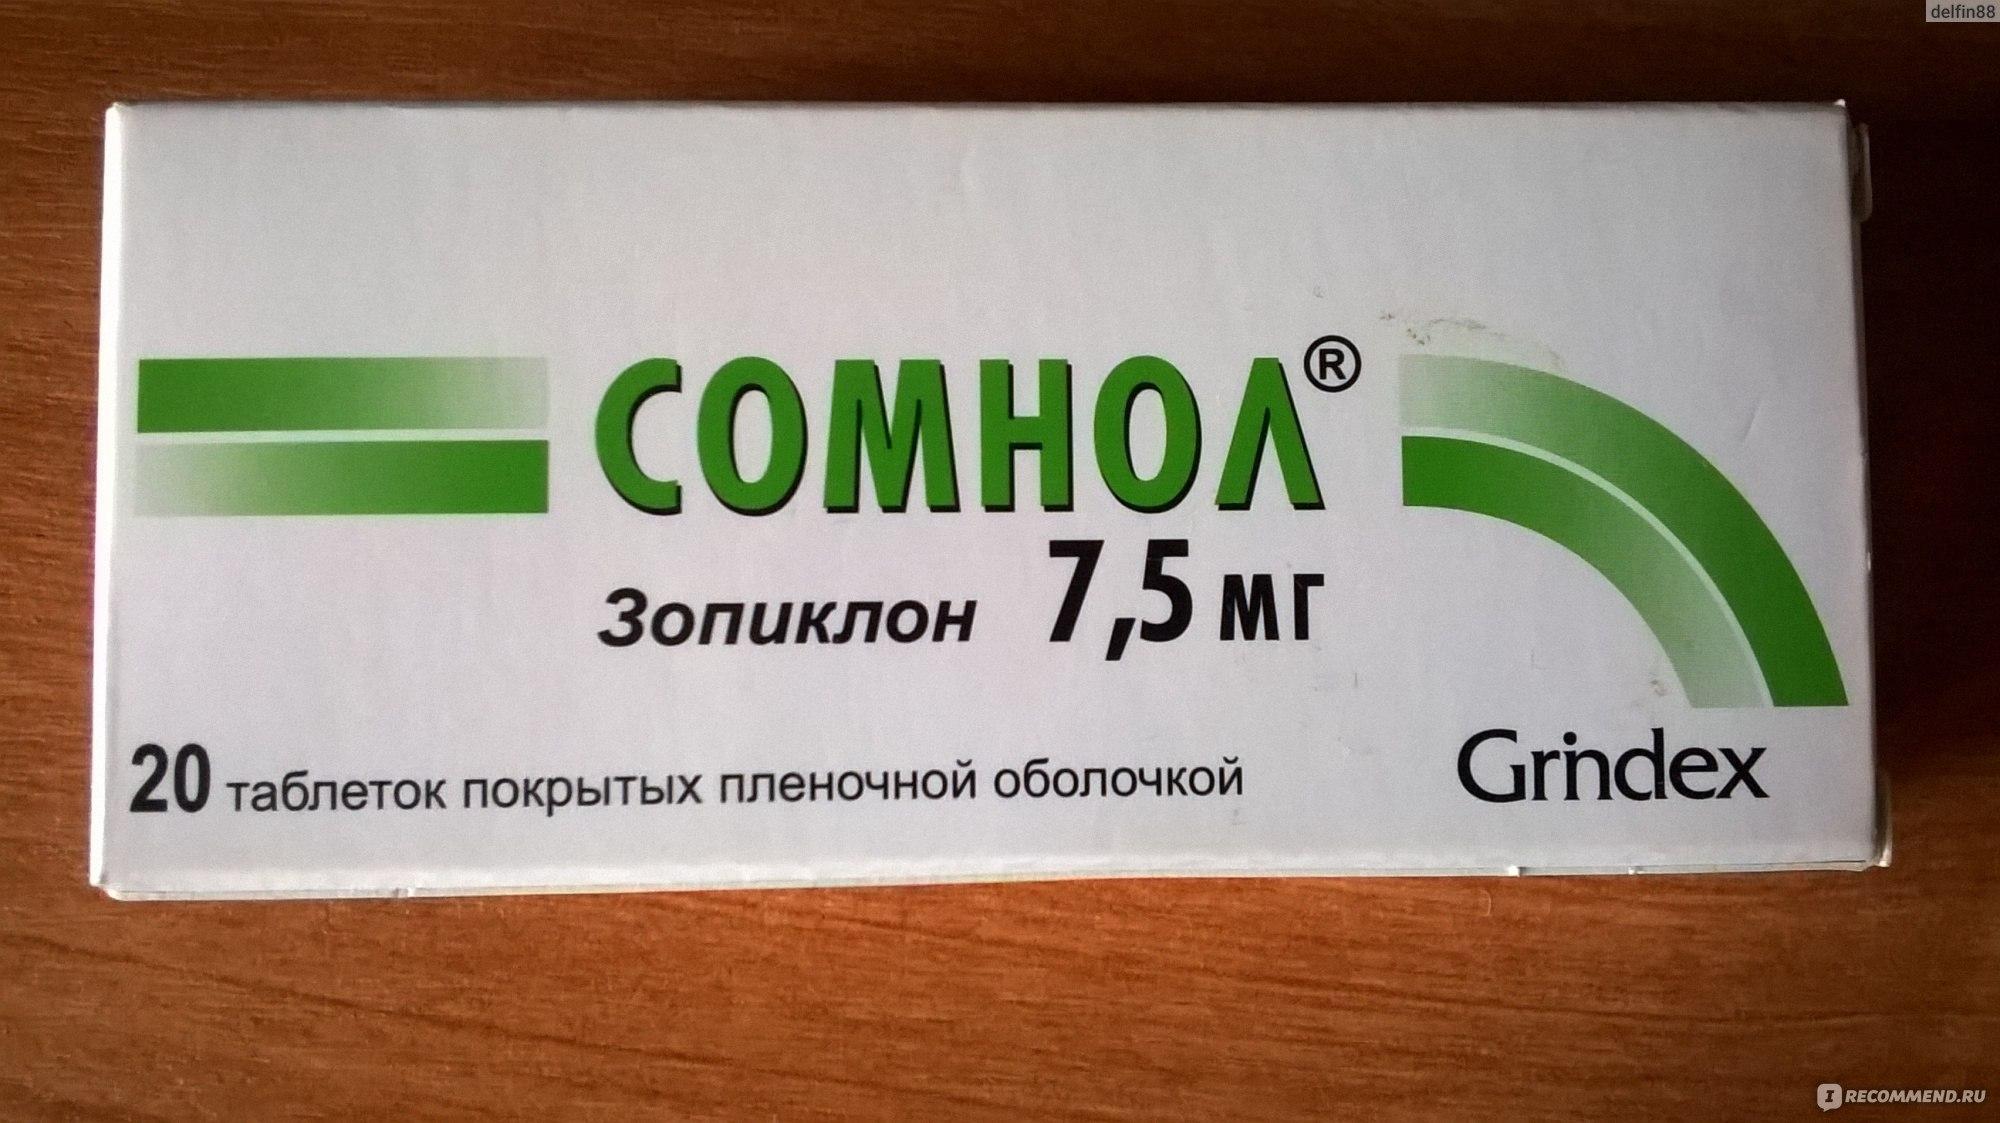 Инструкция по применению препарата сомнол и отзывы о нем